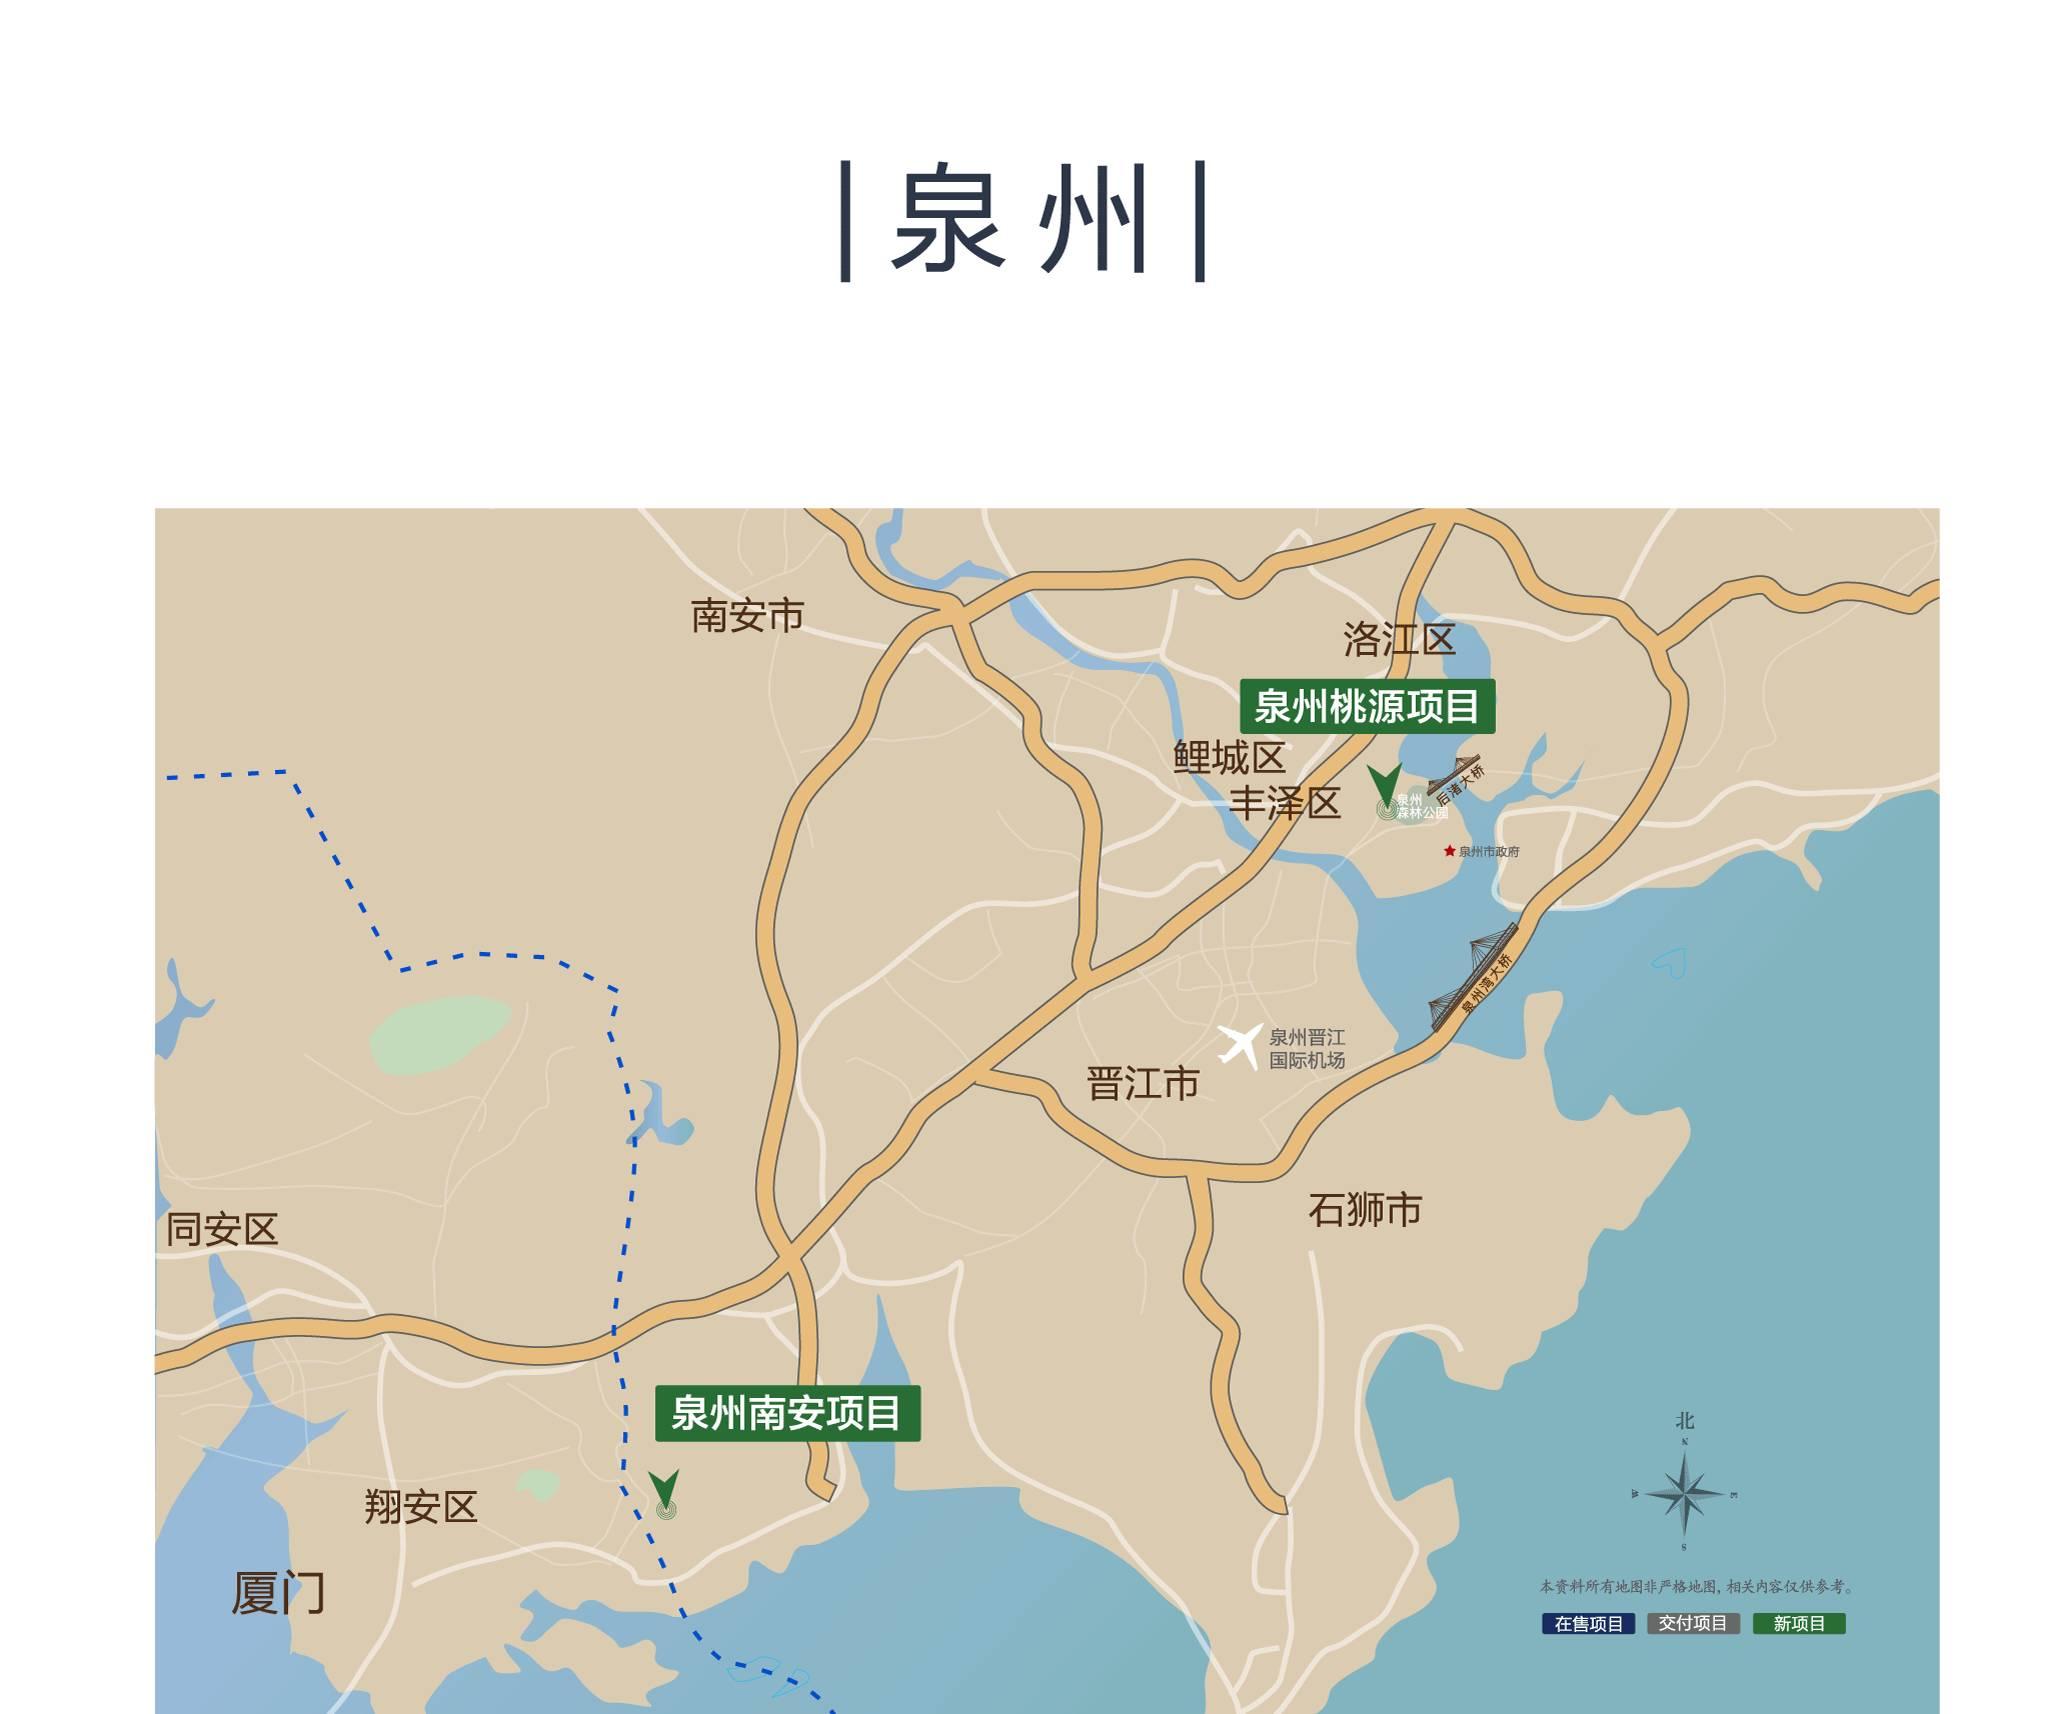 融创东南区域归心地图(2017年6月版)